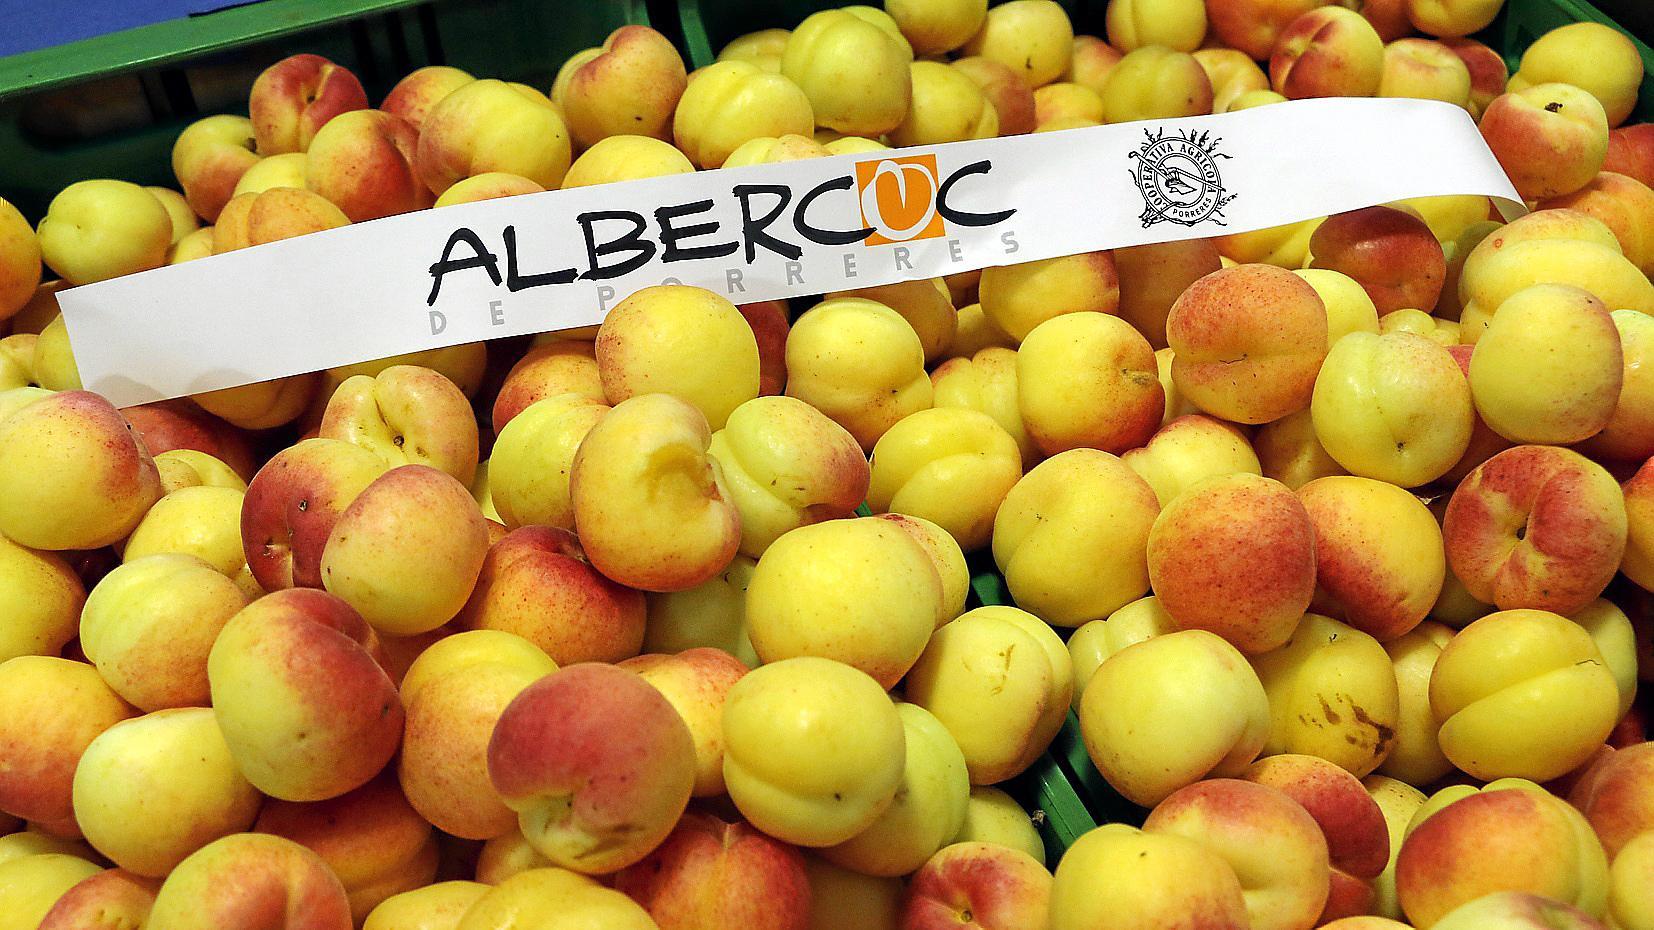 PORRERES. AGRICULTURA. La Cooperativa inicia la campaña del albaricoque con unos frutos de calidad